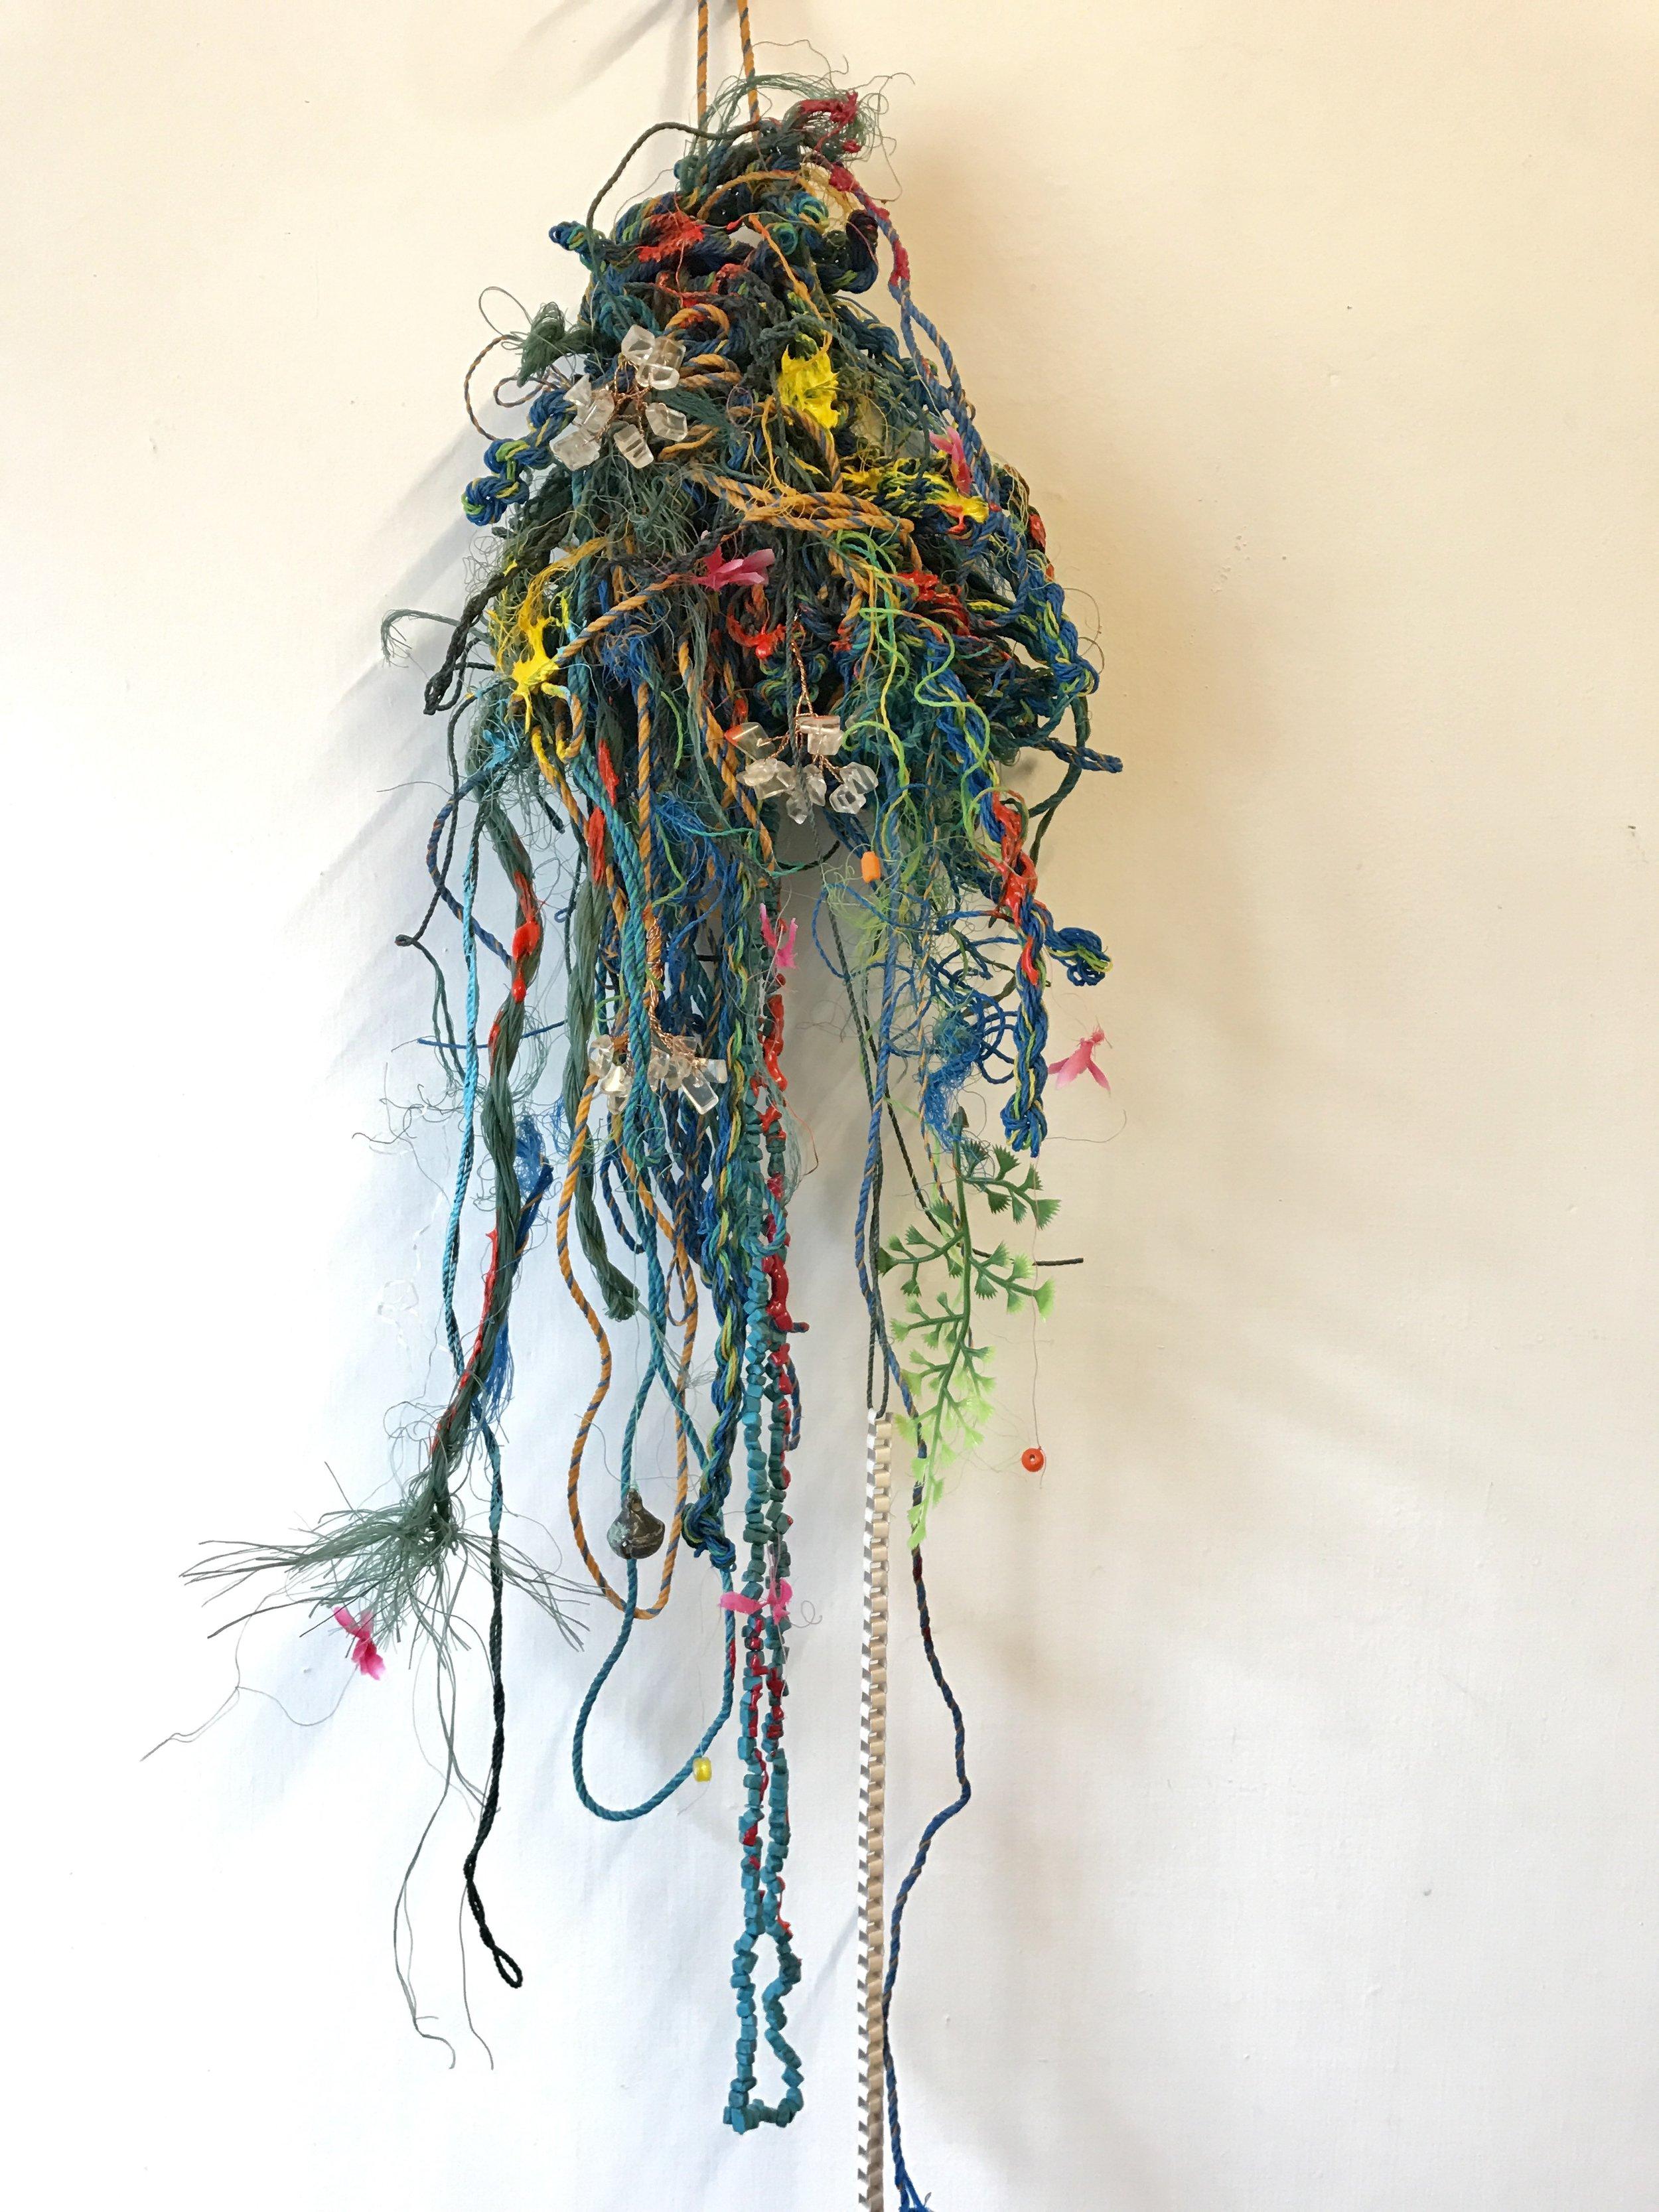 〈祈禱之珠 #1 Prayer Beads #1〉,2018